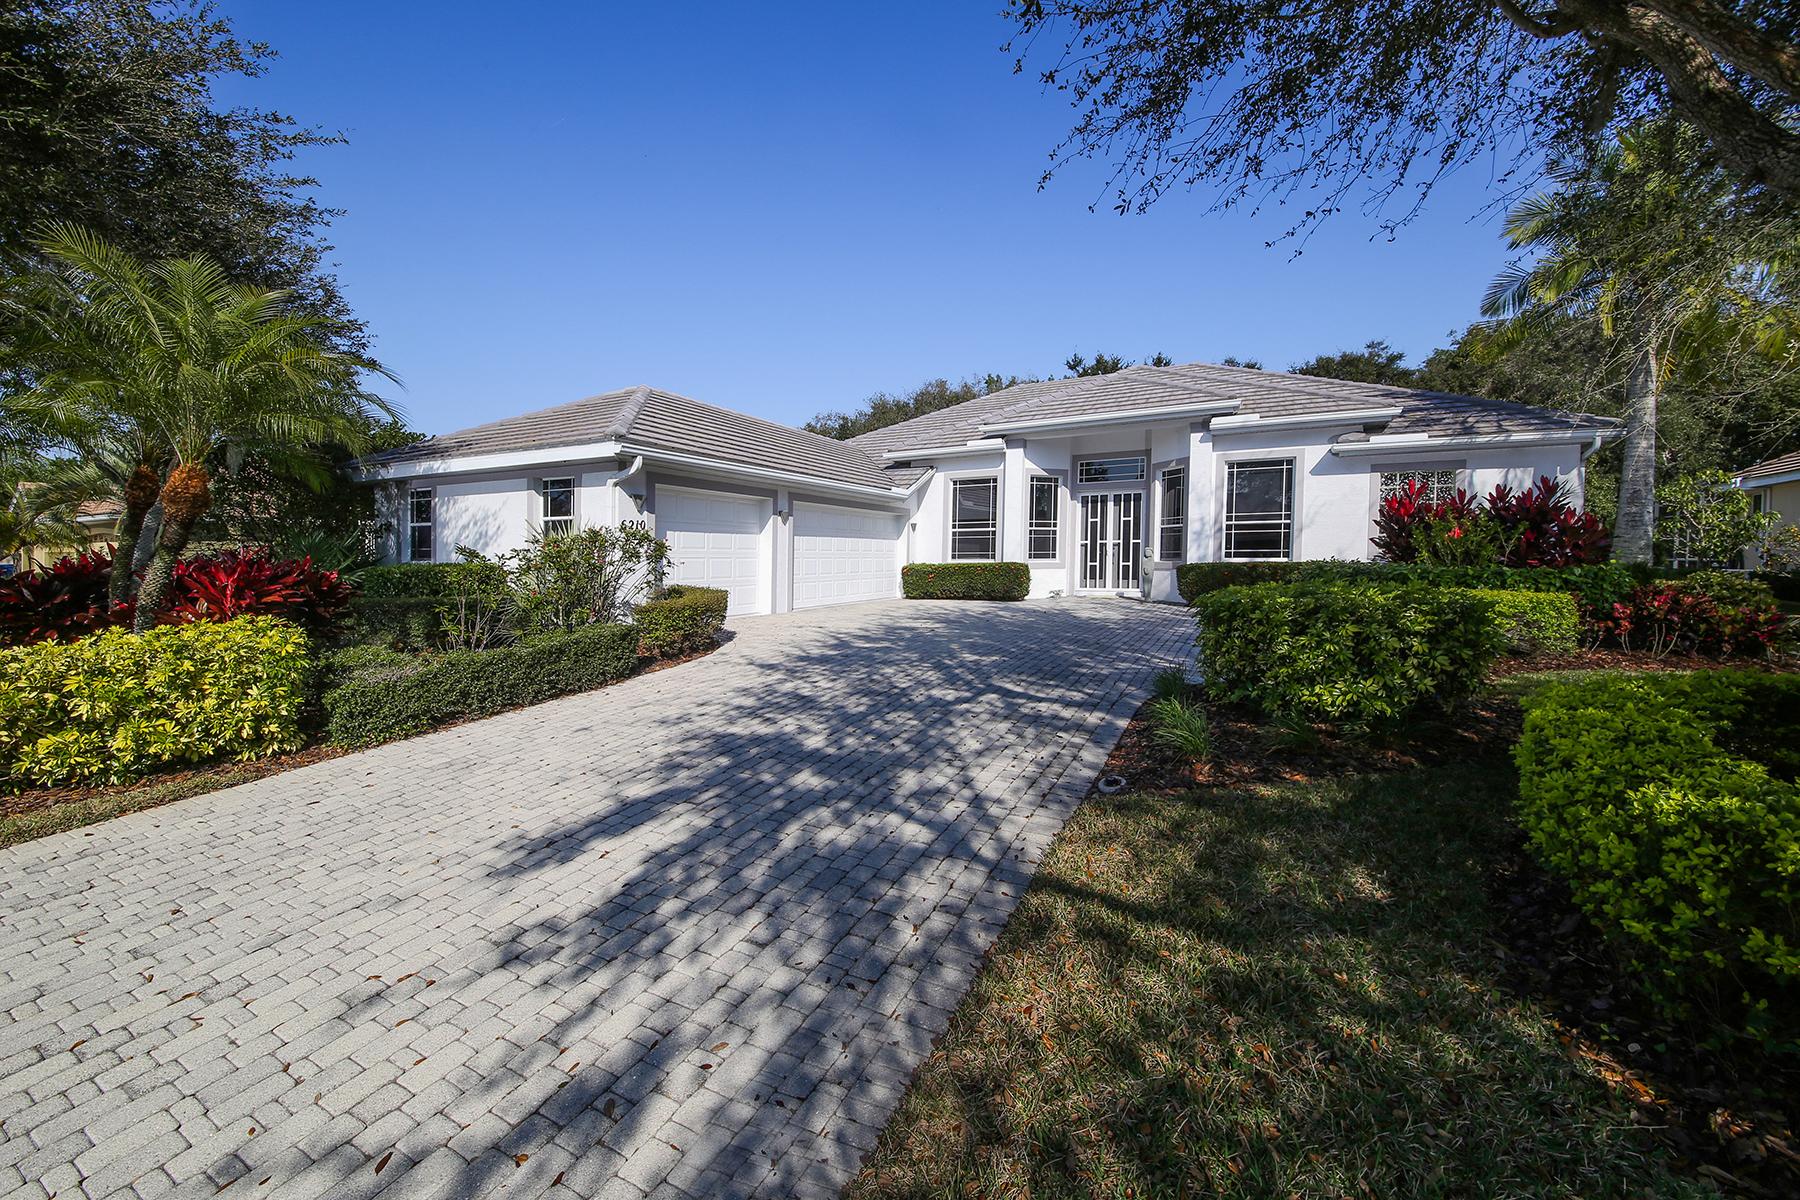 独户住宅 为 销售 在 MOTE RANCH 6210 Stillwater Ct University Park, 佛罗里达州, 34201 美国